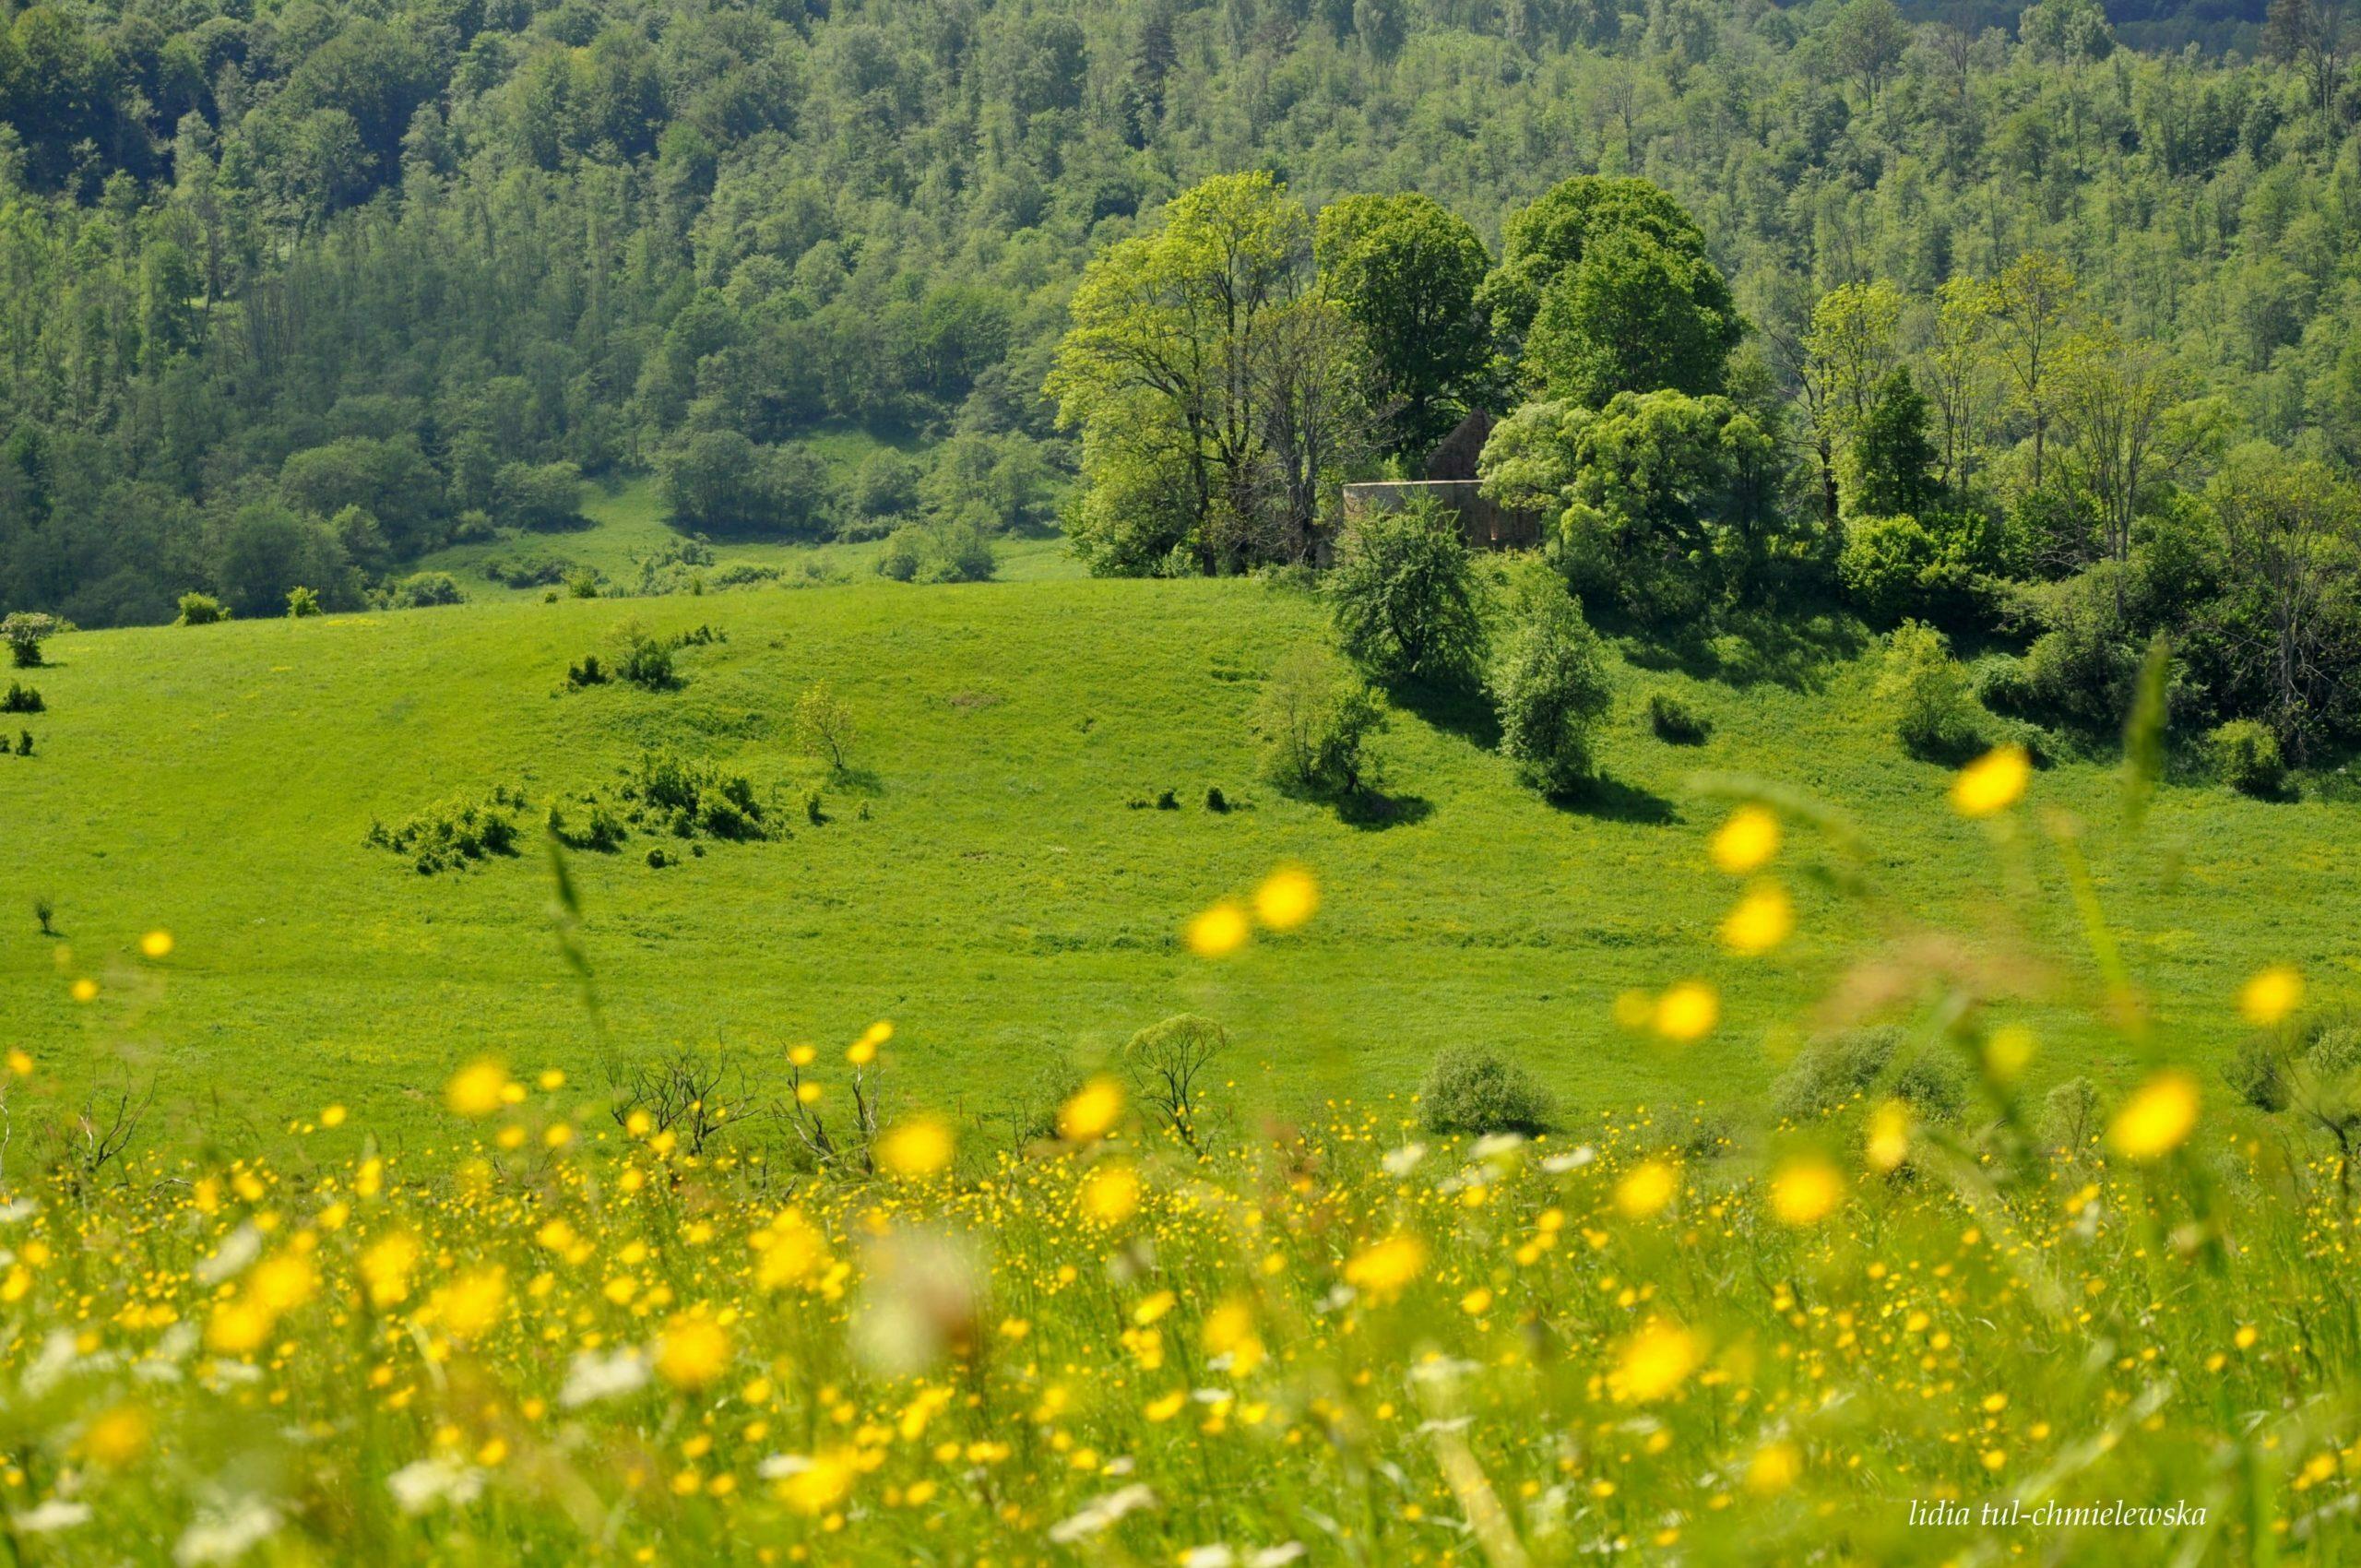 Nieistniejąca wieś Krywe fot. Lidia Tul-Chmielewska